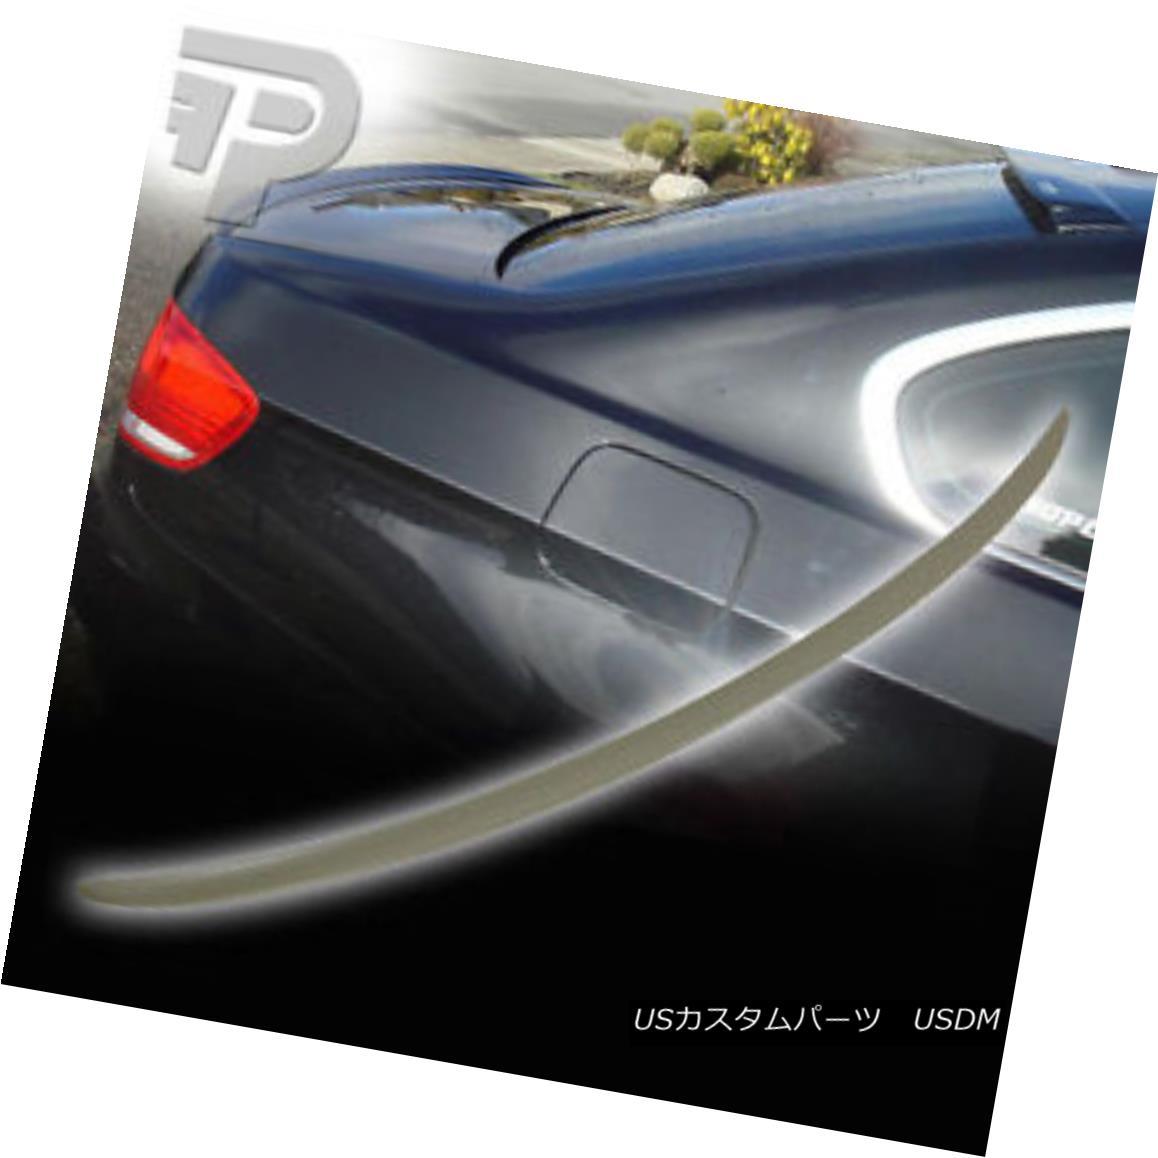 エアロパーツ BMW 3 SERIES E92 2D COUPE M3 TYPE REAR BOOT TRUNK SPOILER 07+▼ BMW 3シリーズE92 2DカップリングM3タイプリア・ブーツ・トランク・スポイラー07+?